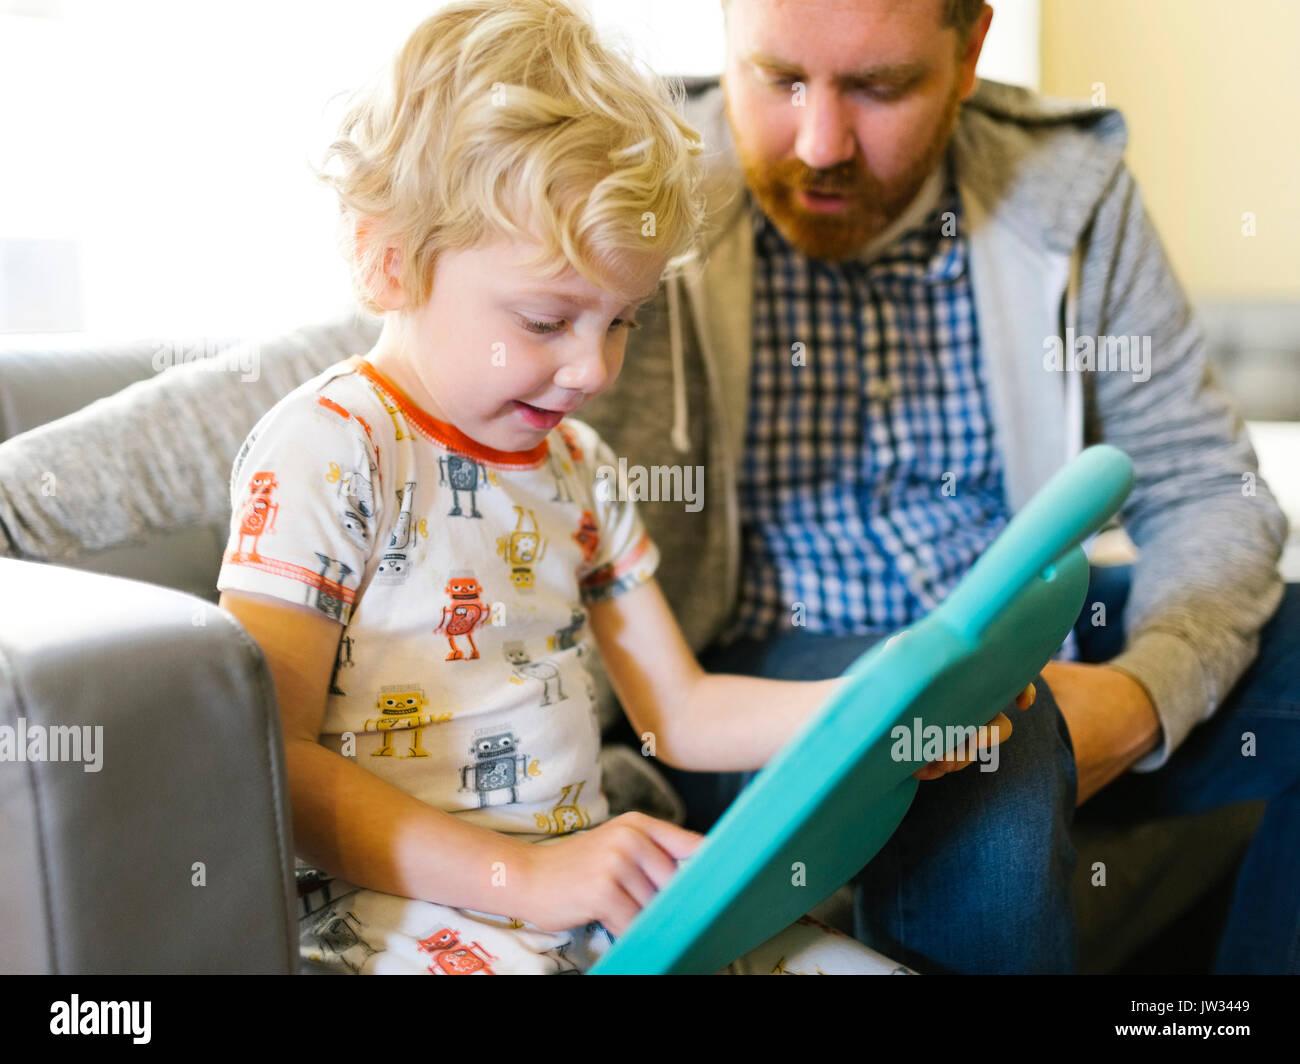 Père et fils (4-5) en jouant avec des jouets électroniques Photo Stock